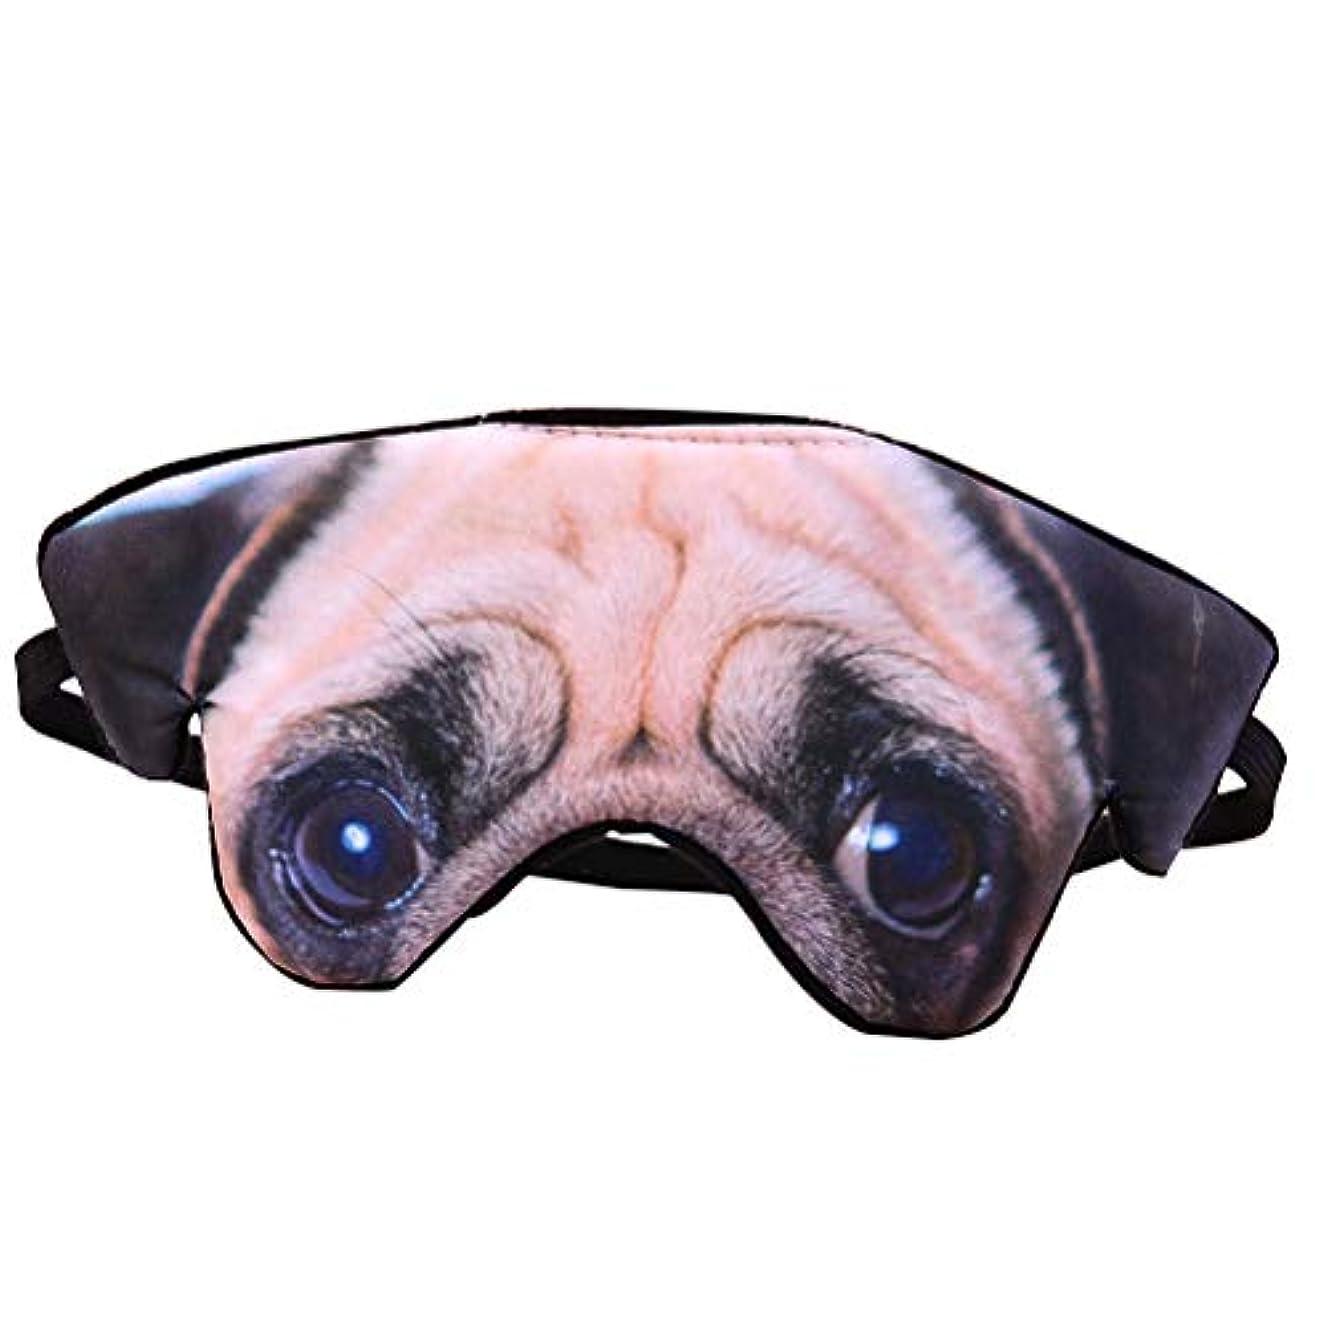 平らな土砂降りダイエットHealifty 3Dアイマスクシェードナップカバー目隠しレストエイド疲労アイパッドスリープゴーグル(Pug)